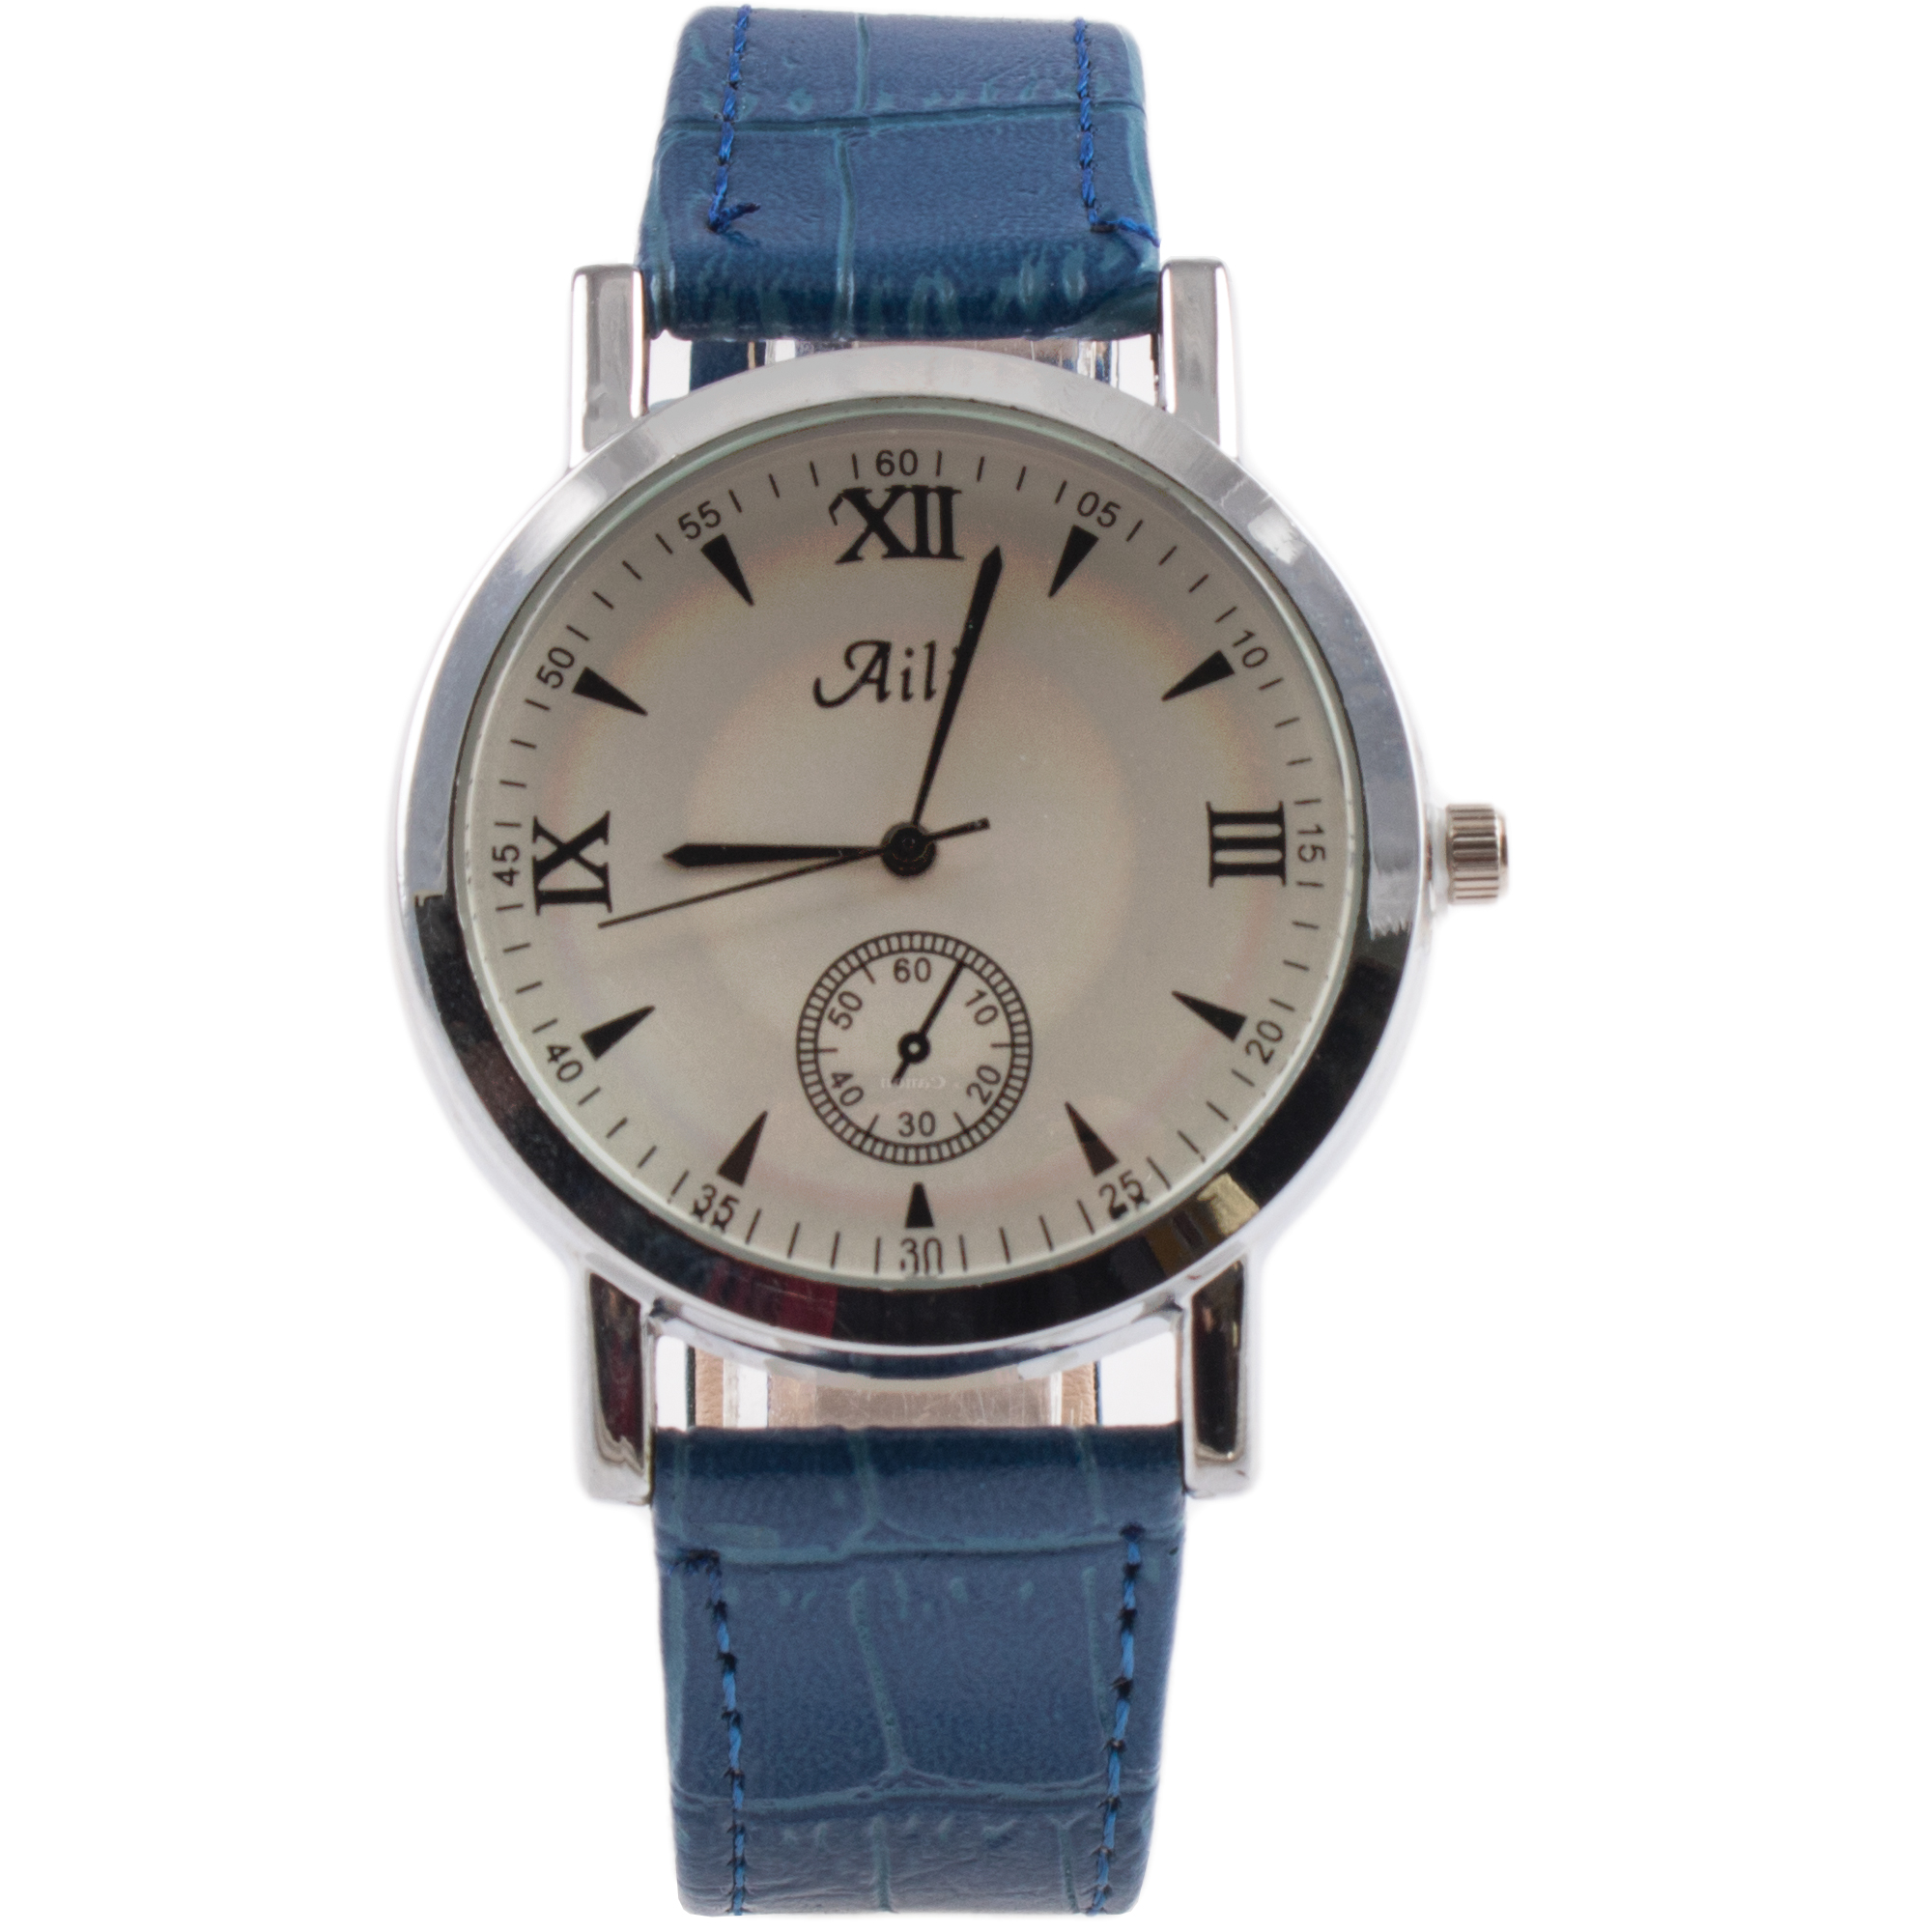 ساعت مچی عقربه ای مدل SW-VATE001